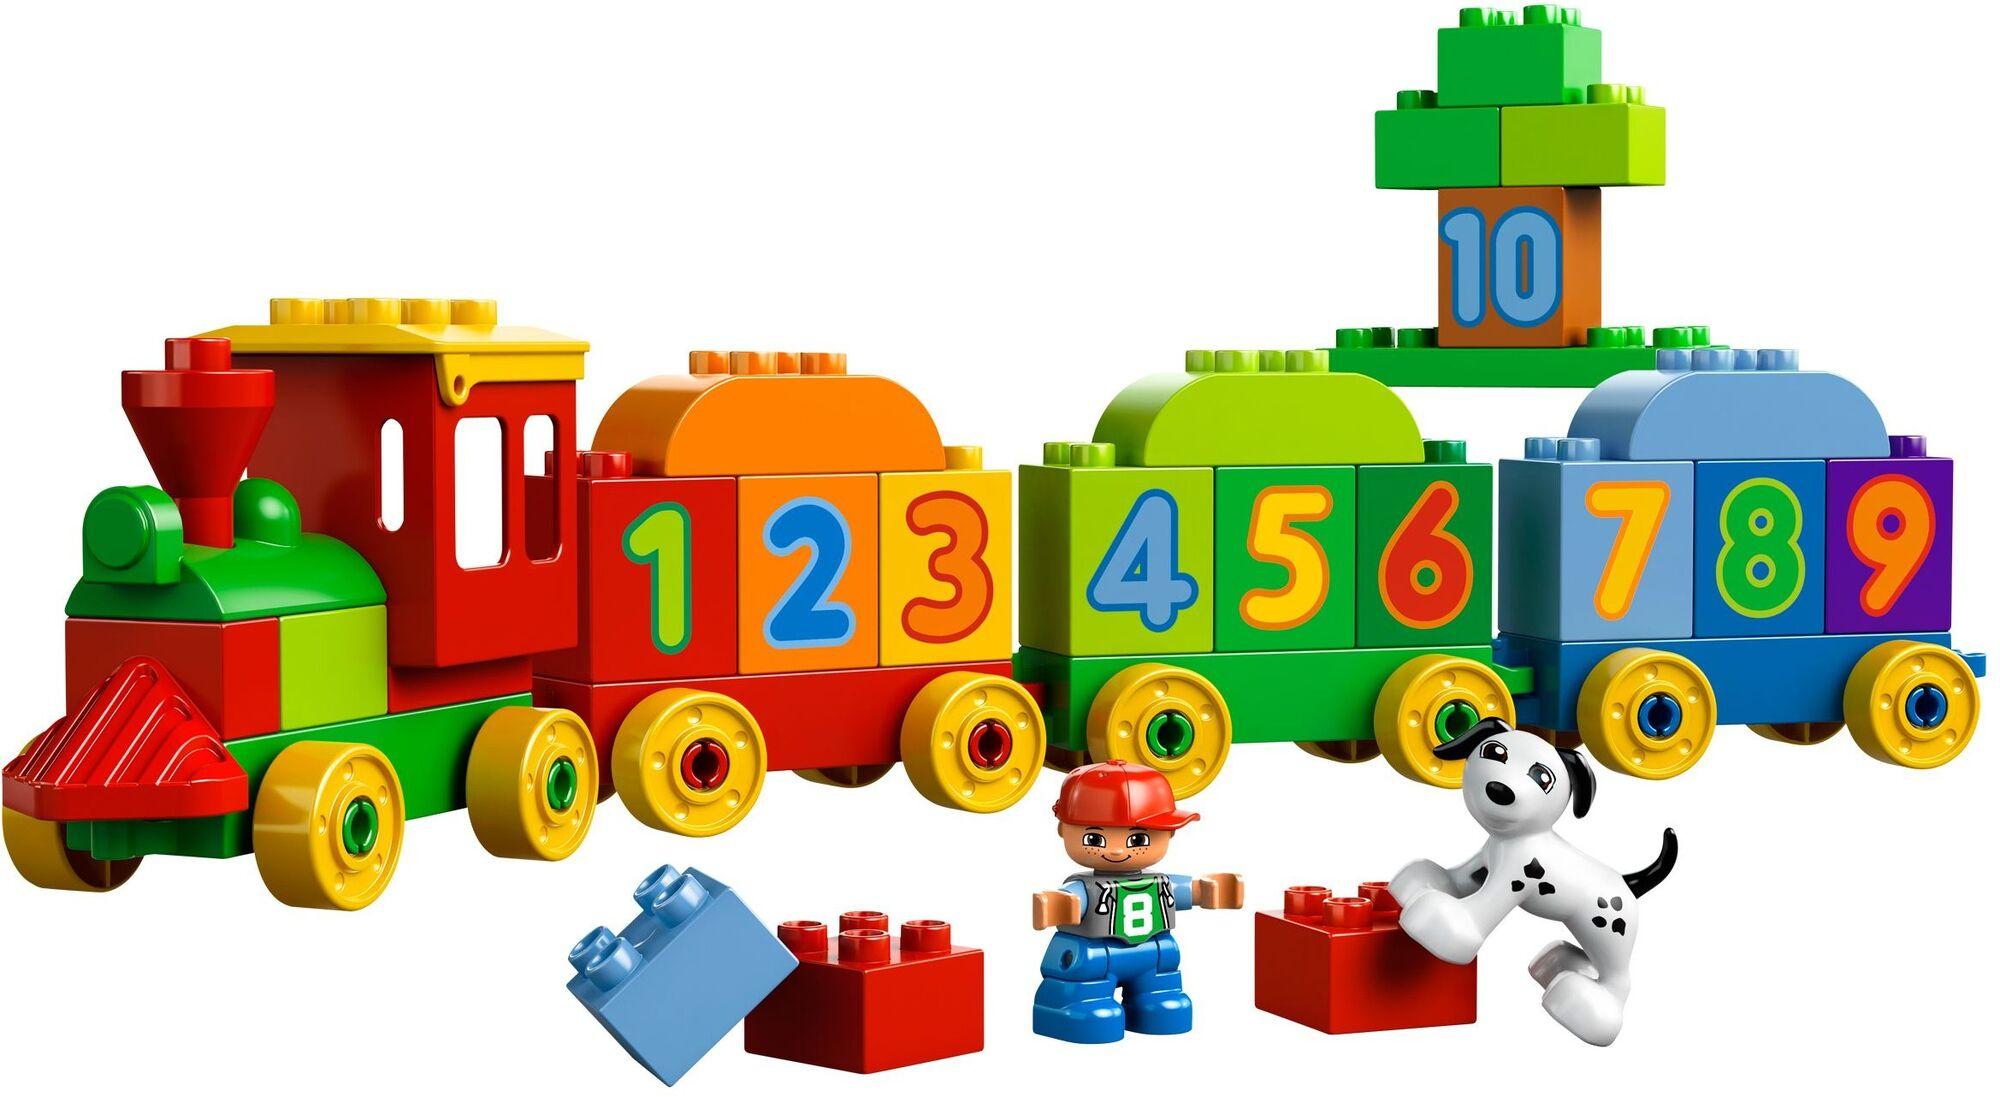 Zahlenzug 10558 Lego Wiki Fandom Powered By Wikia